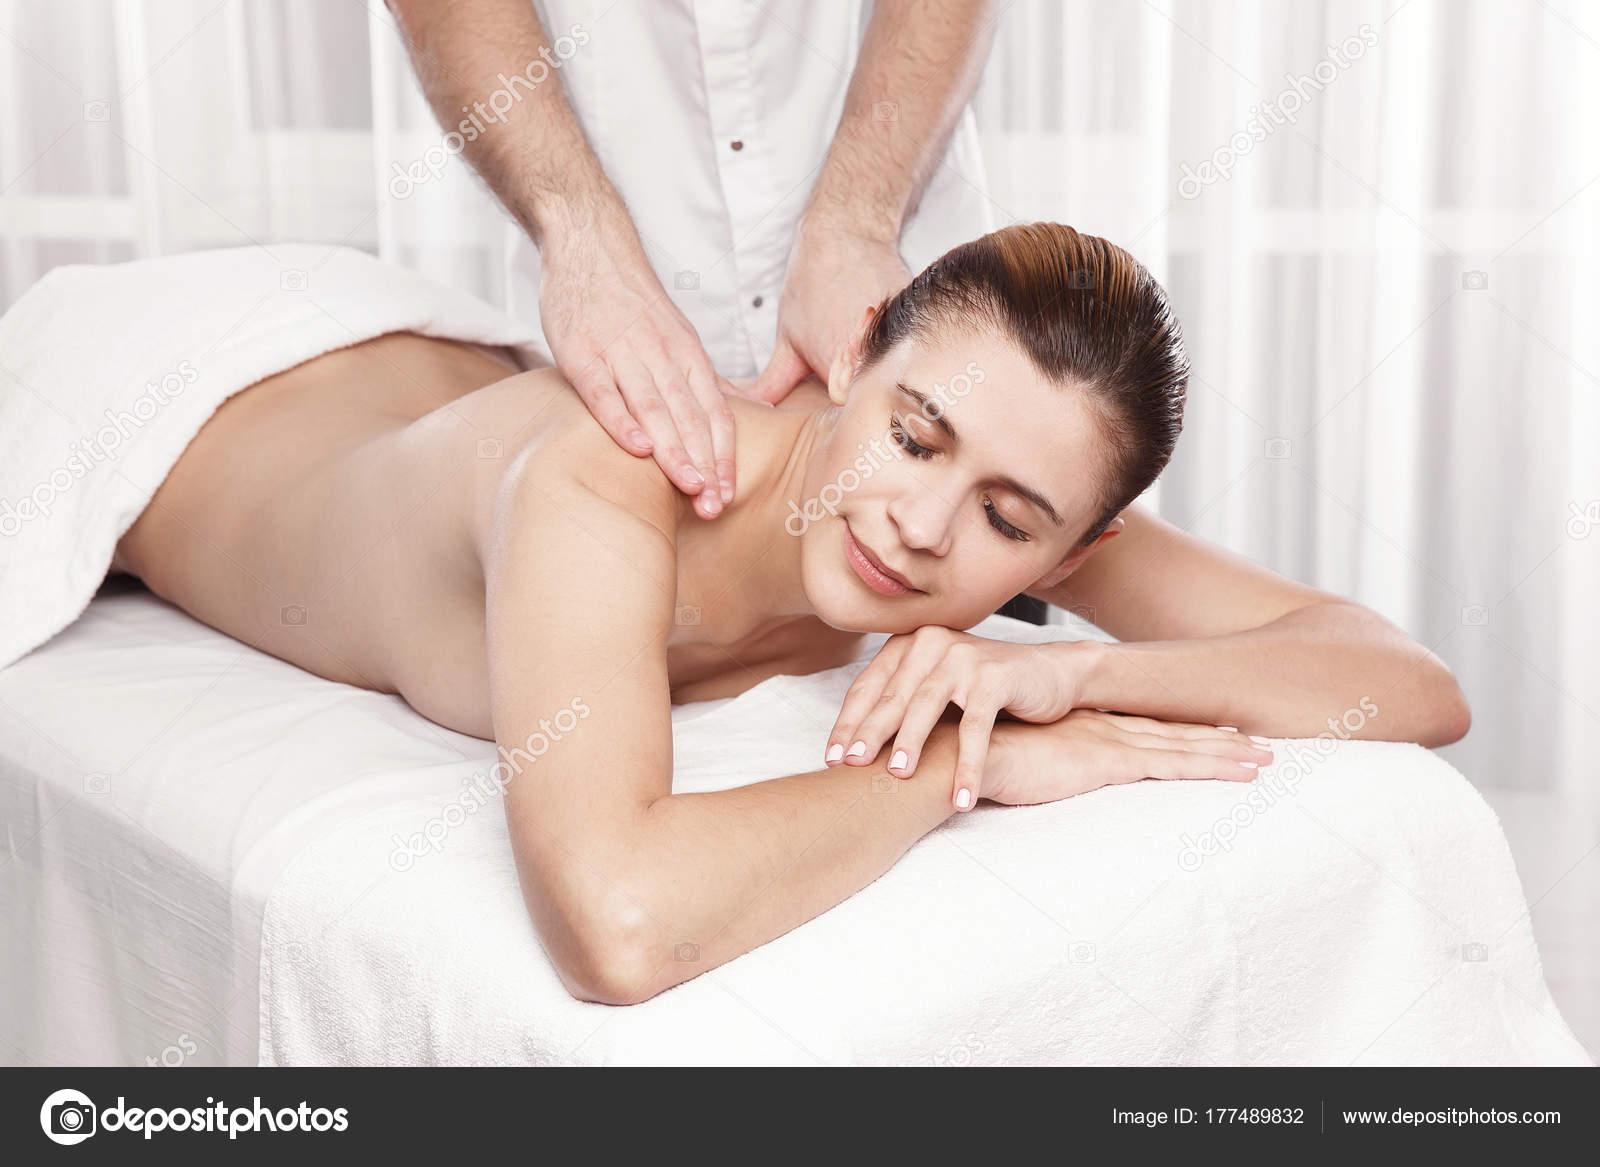 С чего делать массаж девушке эротический массаж для мужчин в москве частные объявления